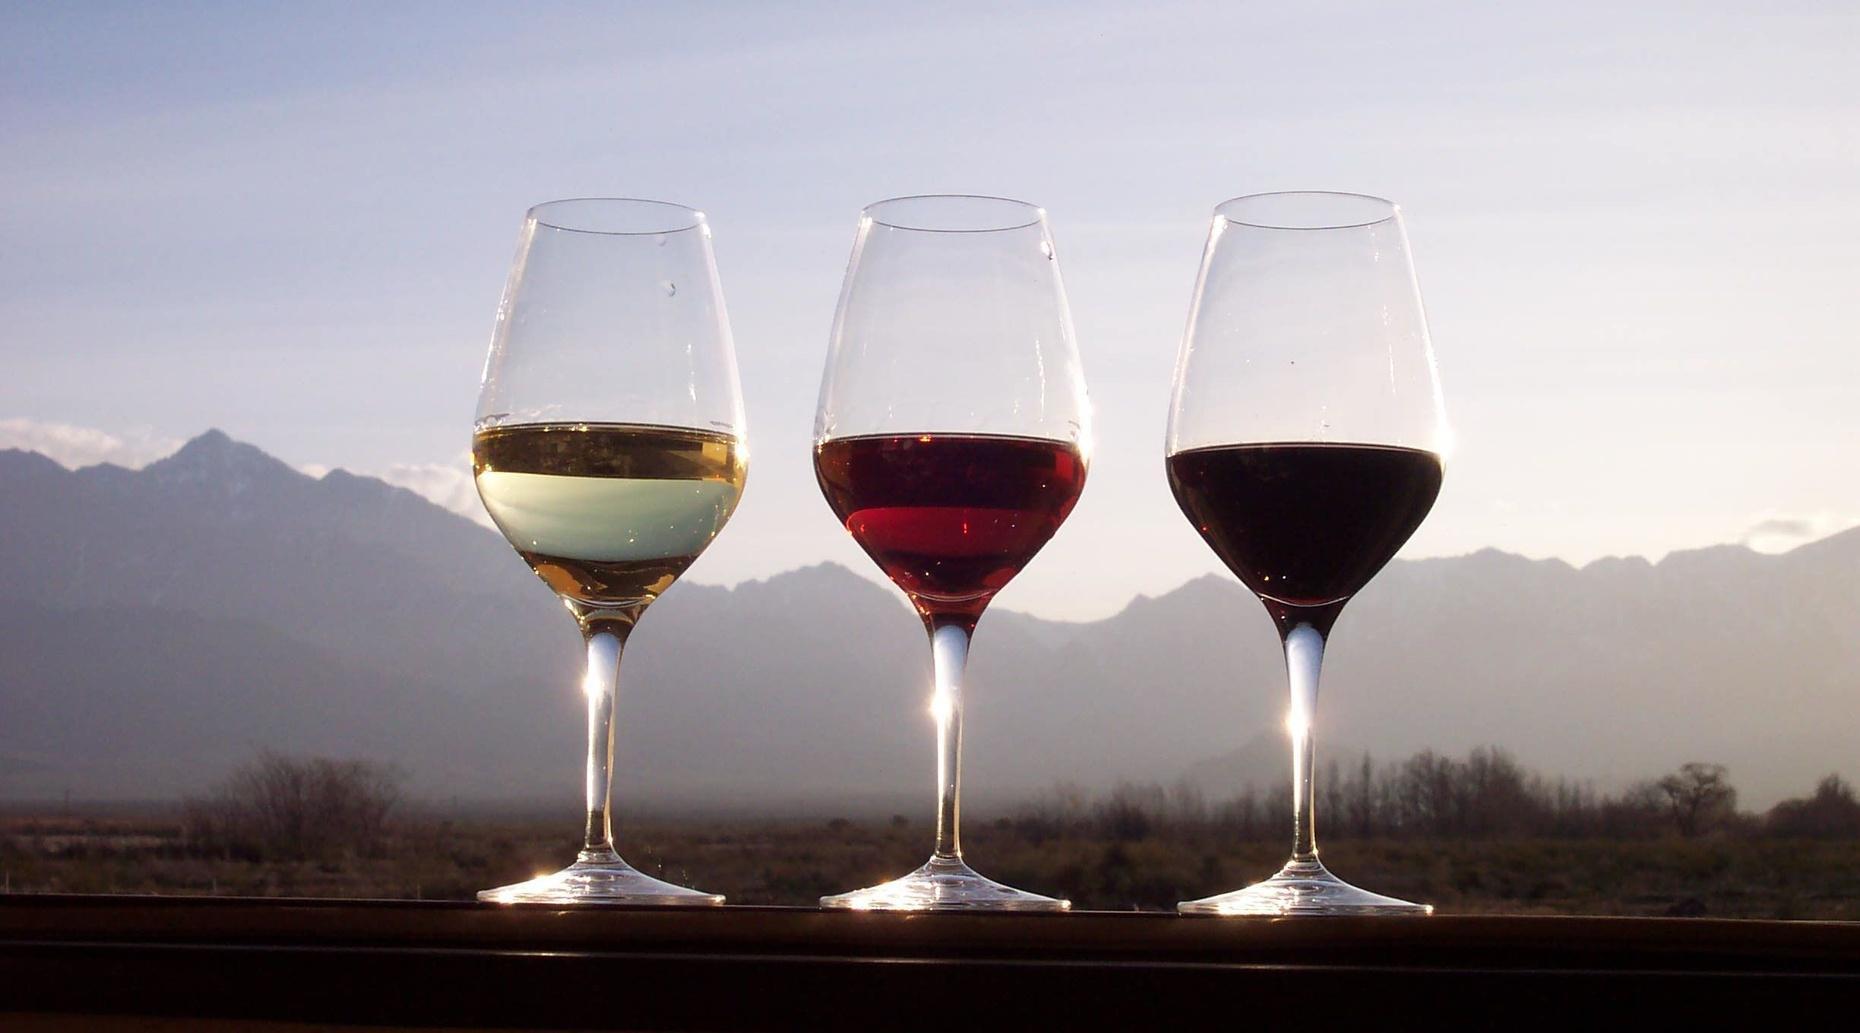 Douro Valley Tour & Wine Tasting from Porto